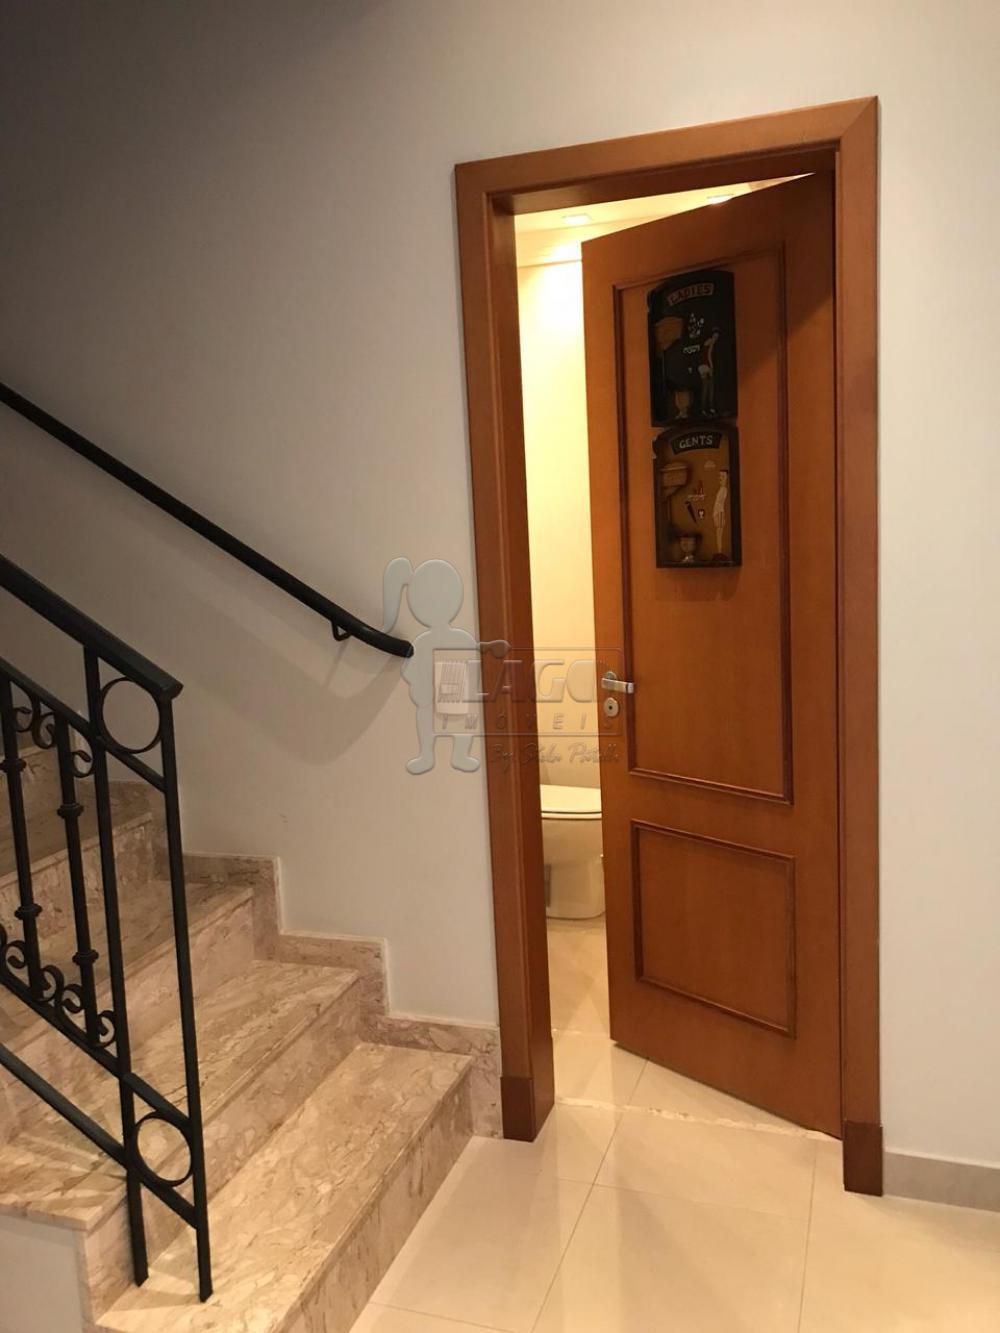 Comprar Apartamento / Cobertura em Ribeirão Preto apenas R$ 2.200.000,00 - Foto 36